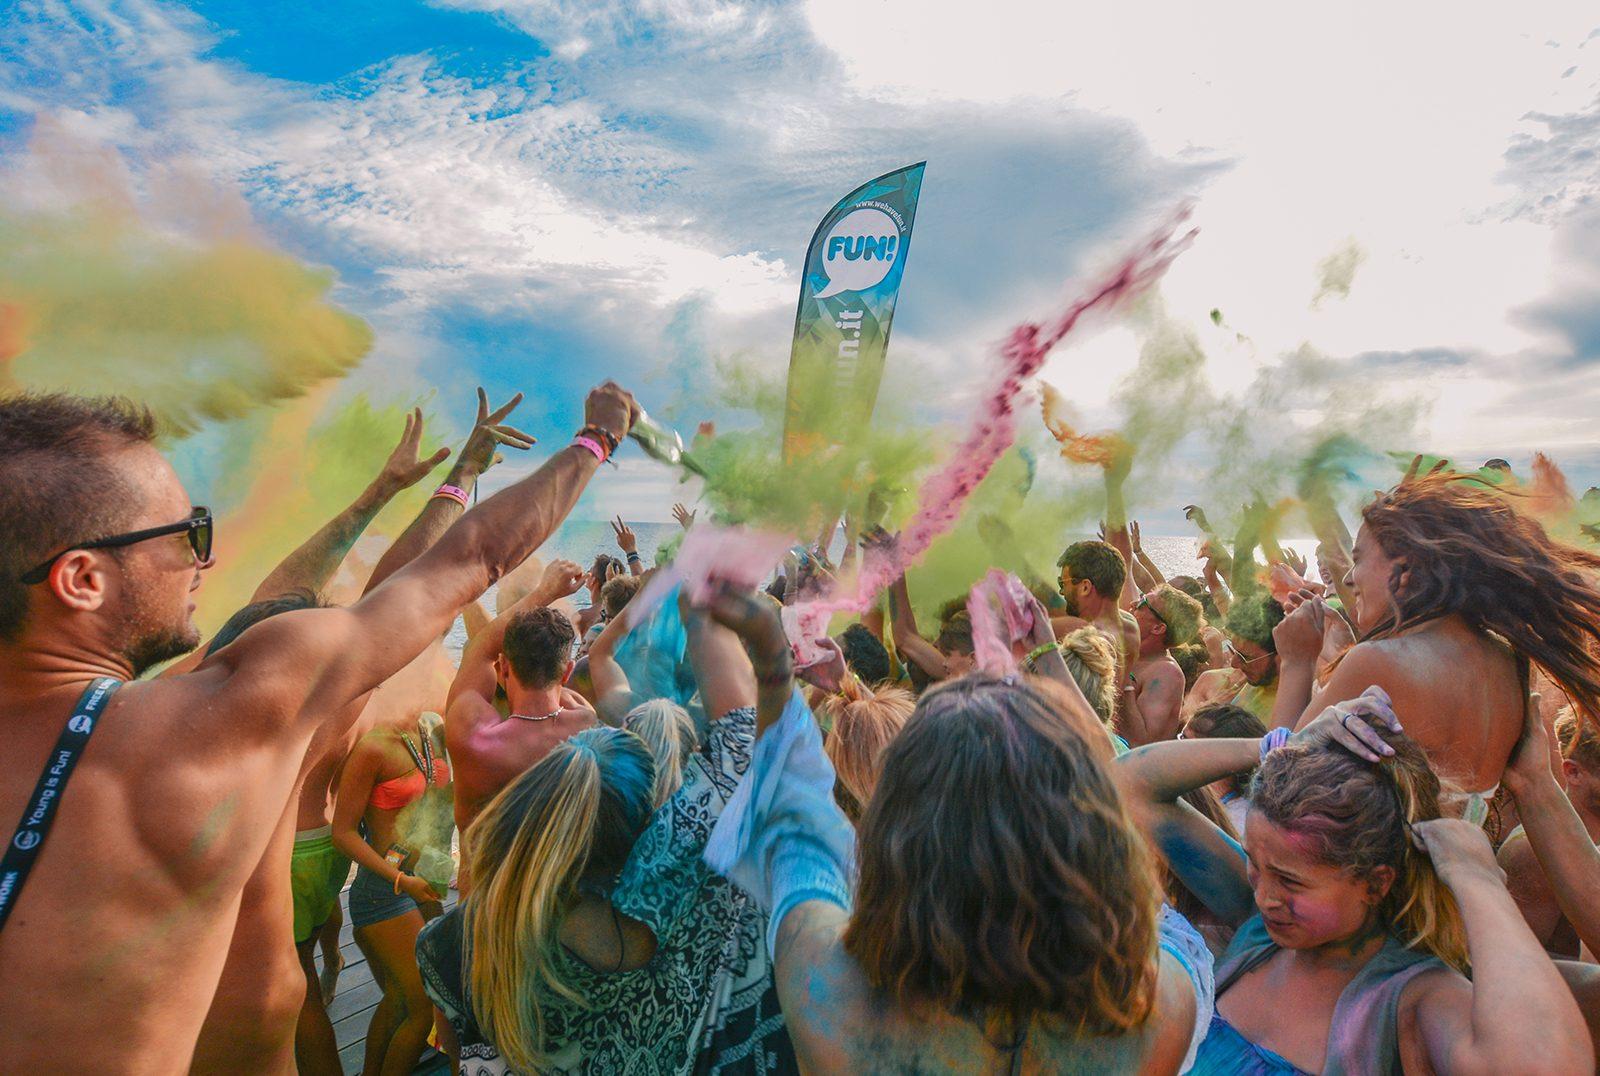 vacanze-per-giovani-salento-tanta gente all'holi-party-spiaggia